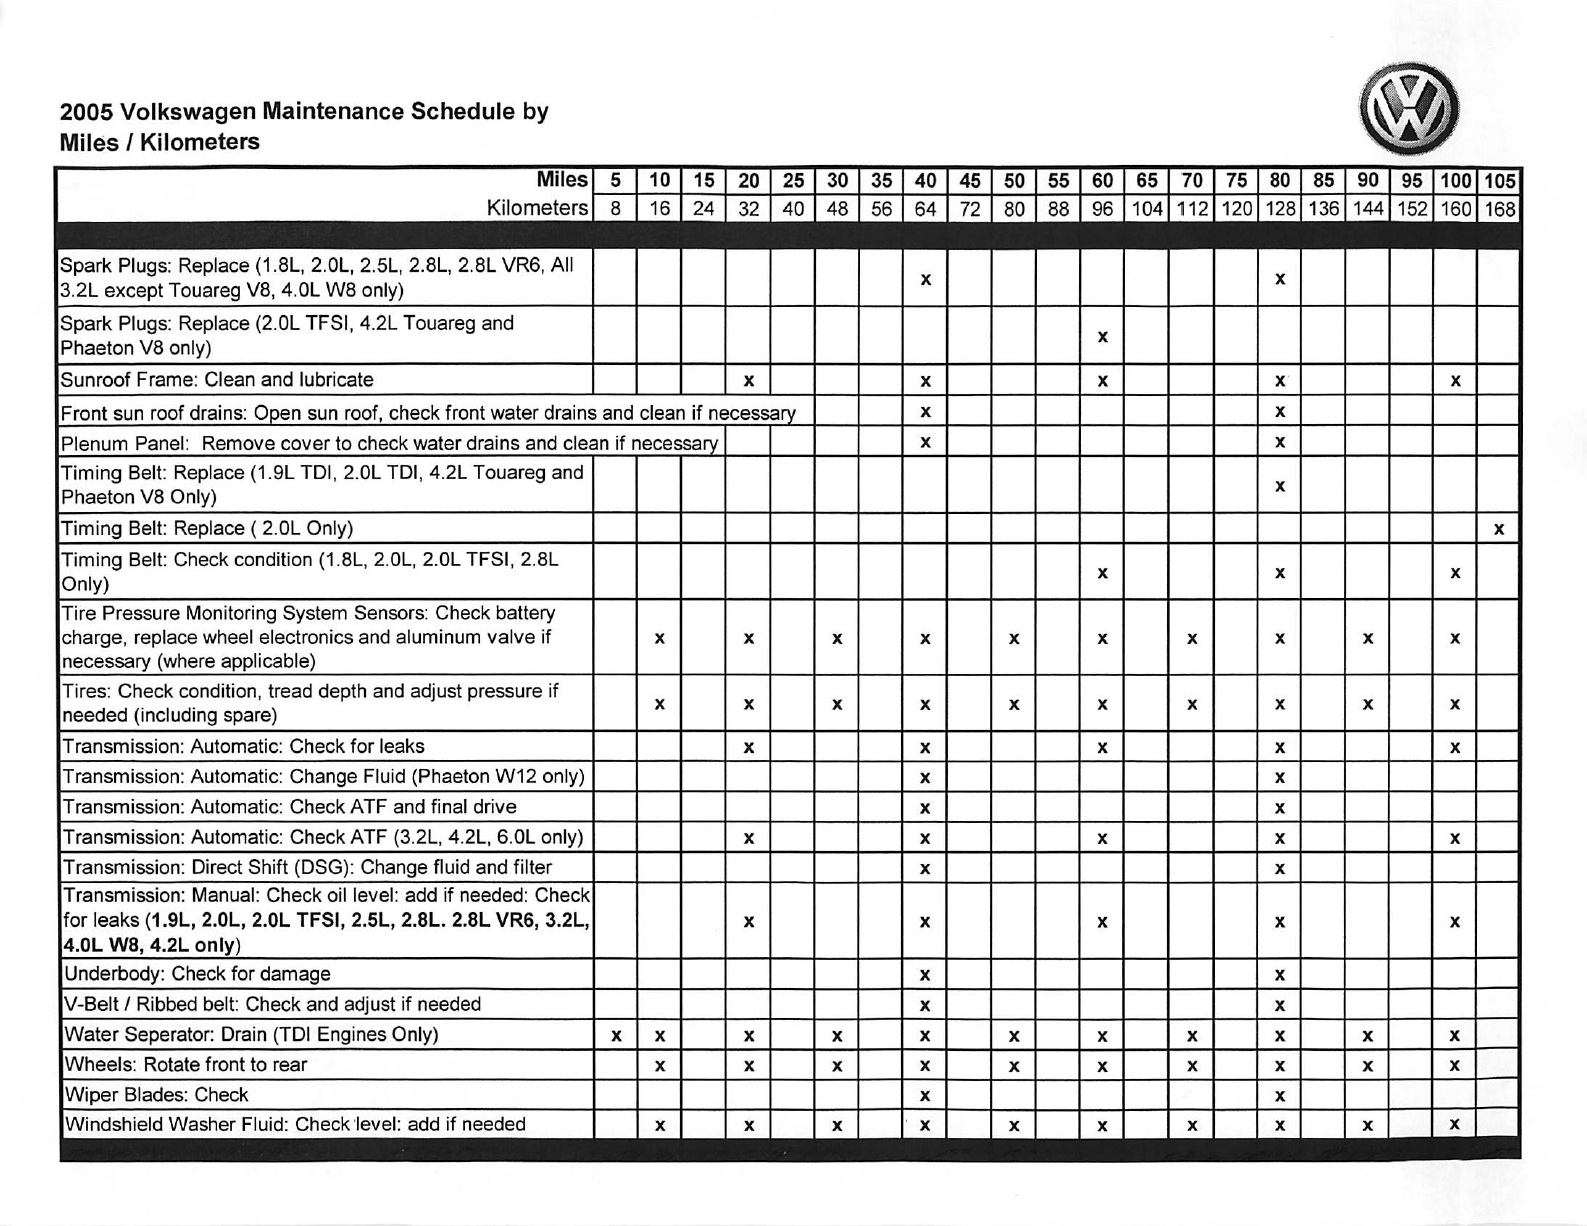 Tamerlane s Thoughts Volkswagen maintenance schedule 2005 Model